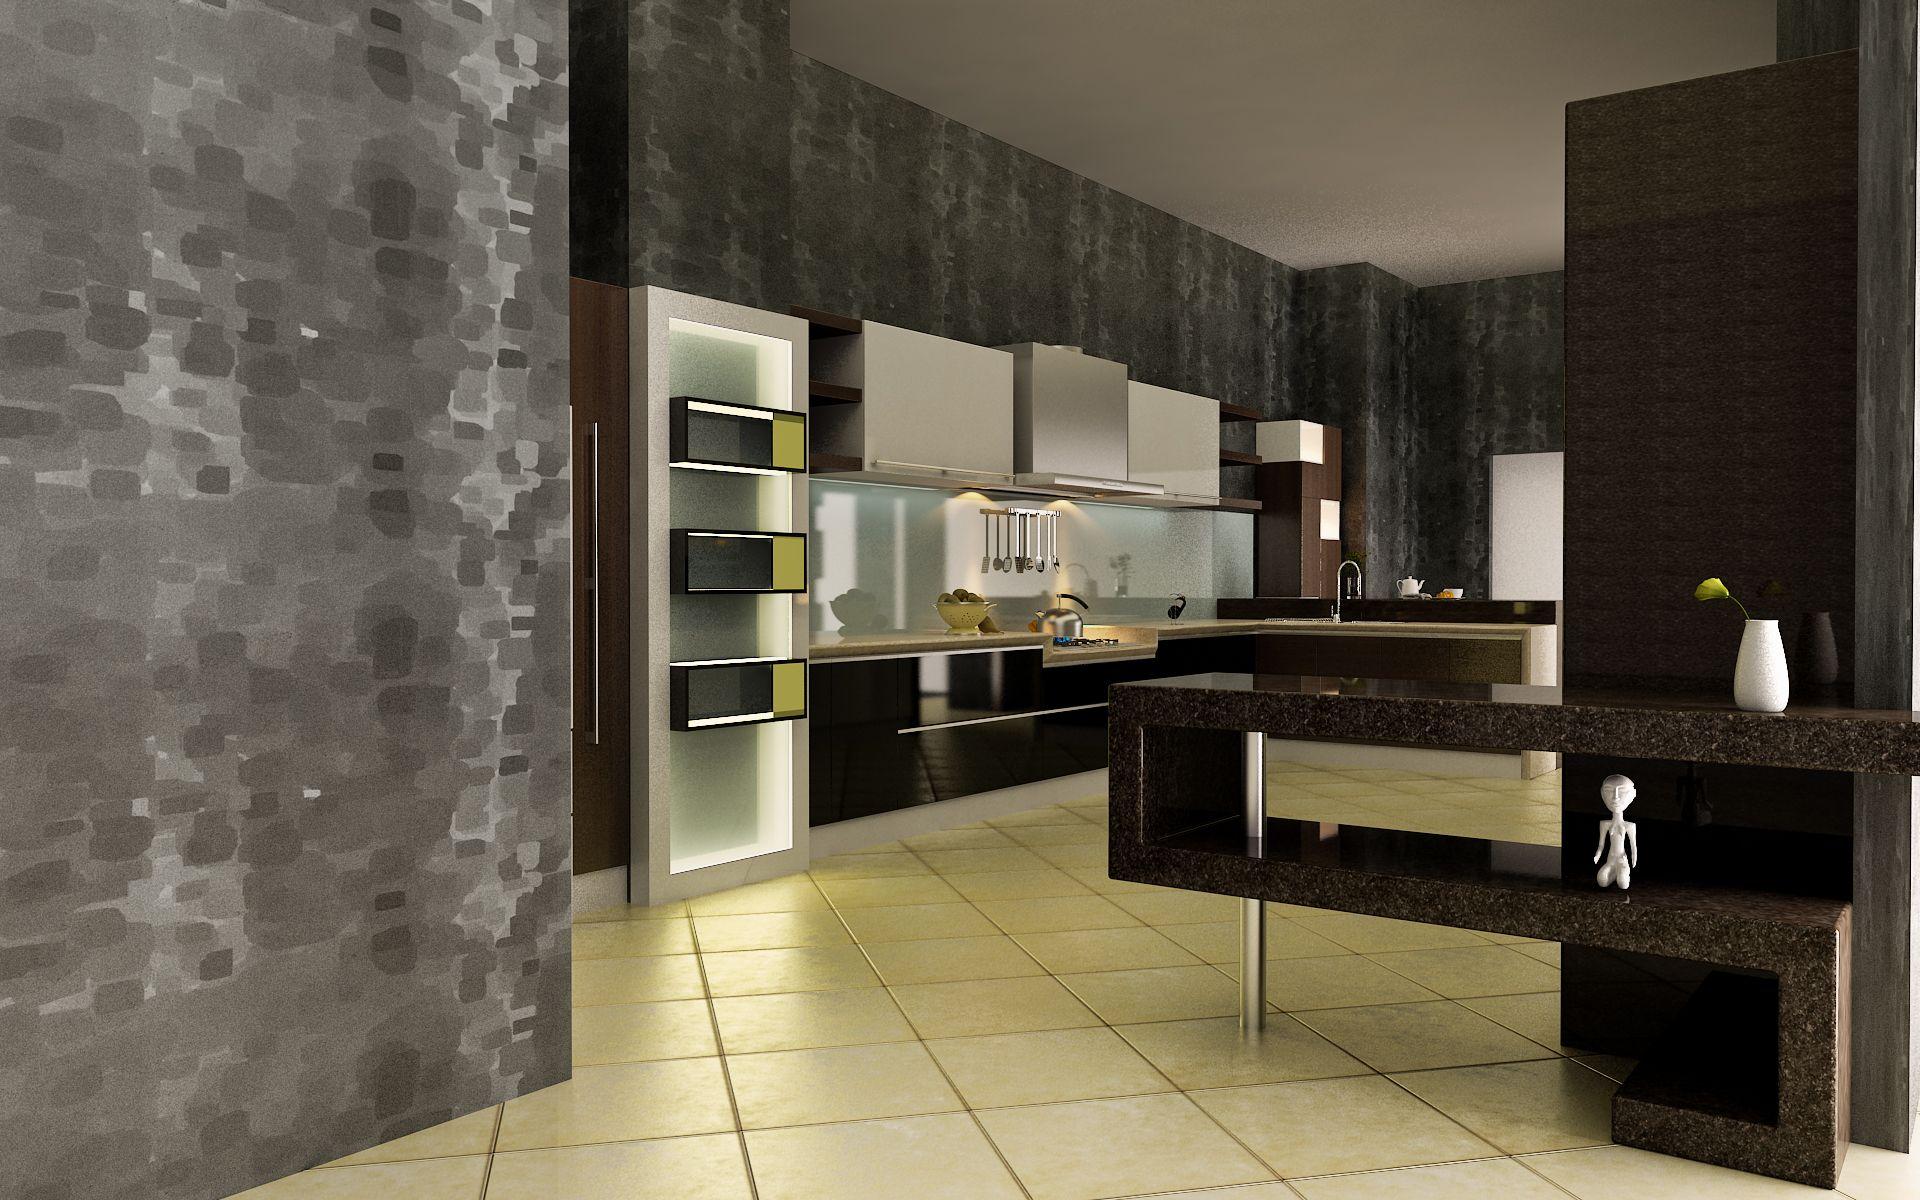 II eshgh abadi kitchen (2)_result